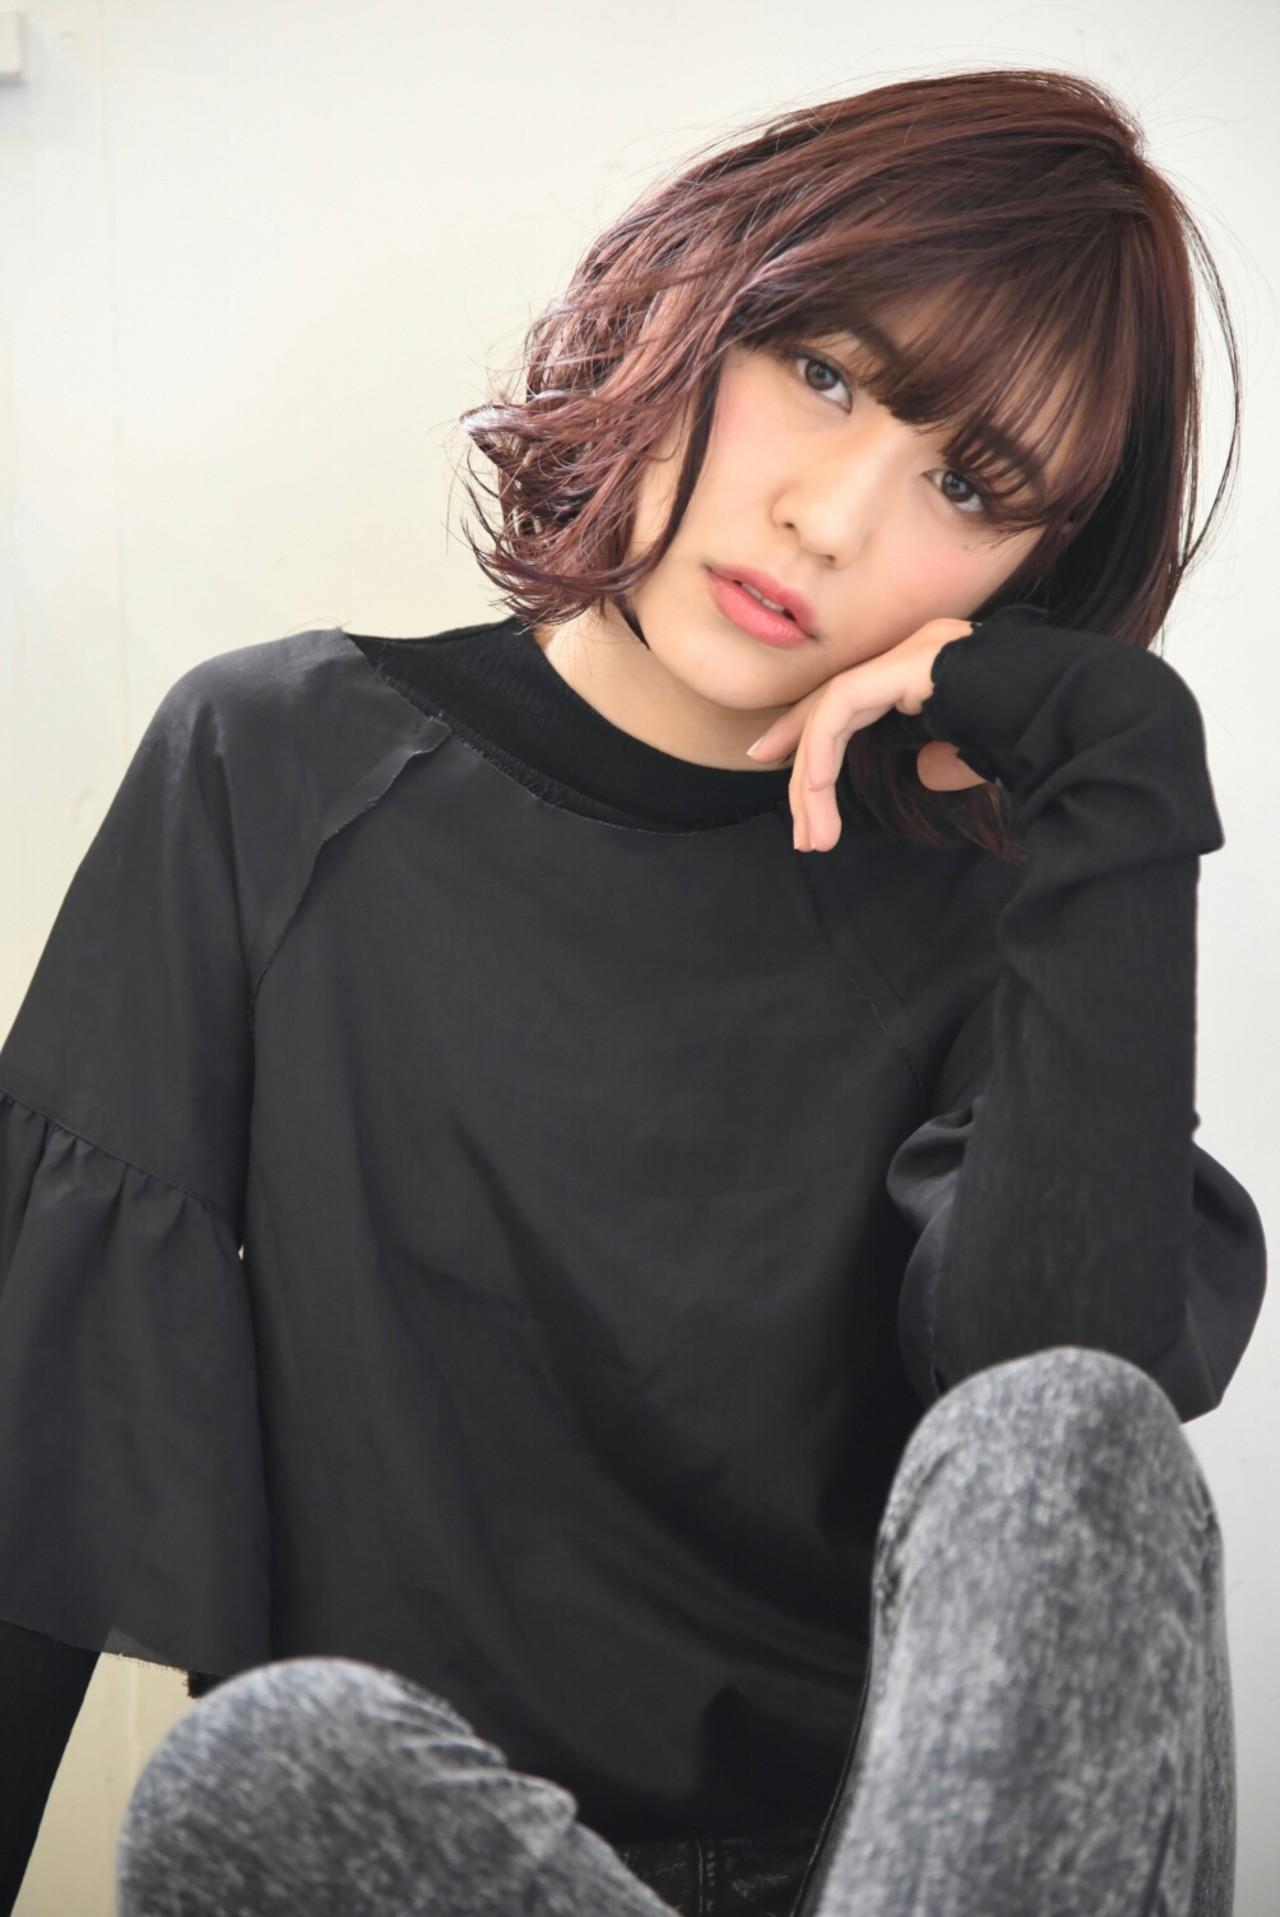 レッド 透明感 外国人風 ピンク ヘアスタイルや髪型の写真・画像 | イノウエ ユウキ【freelance】 / AKAMEE【アカミー】